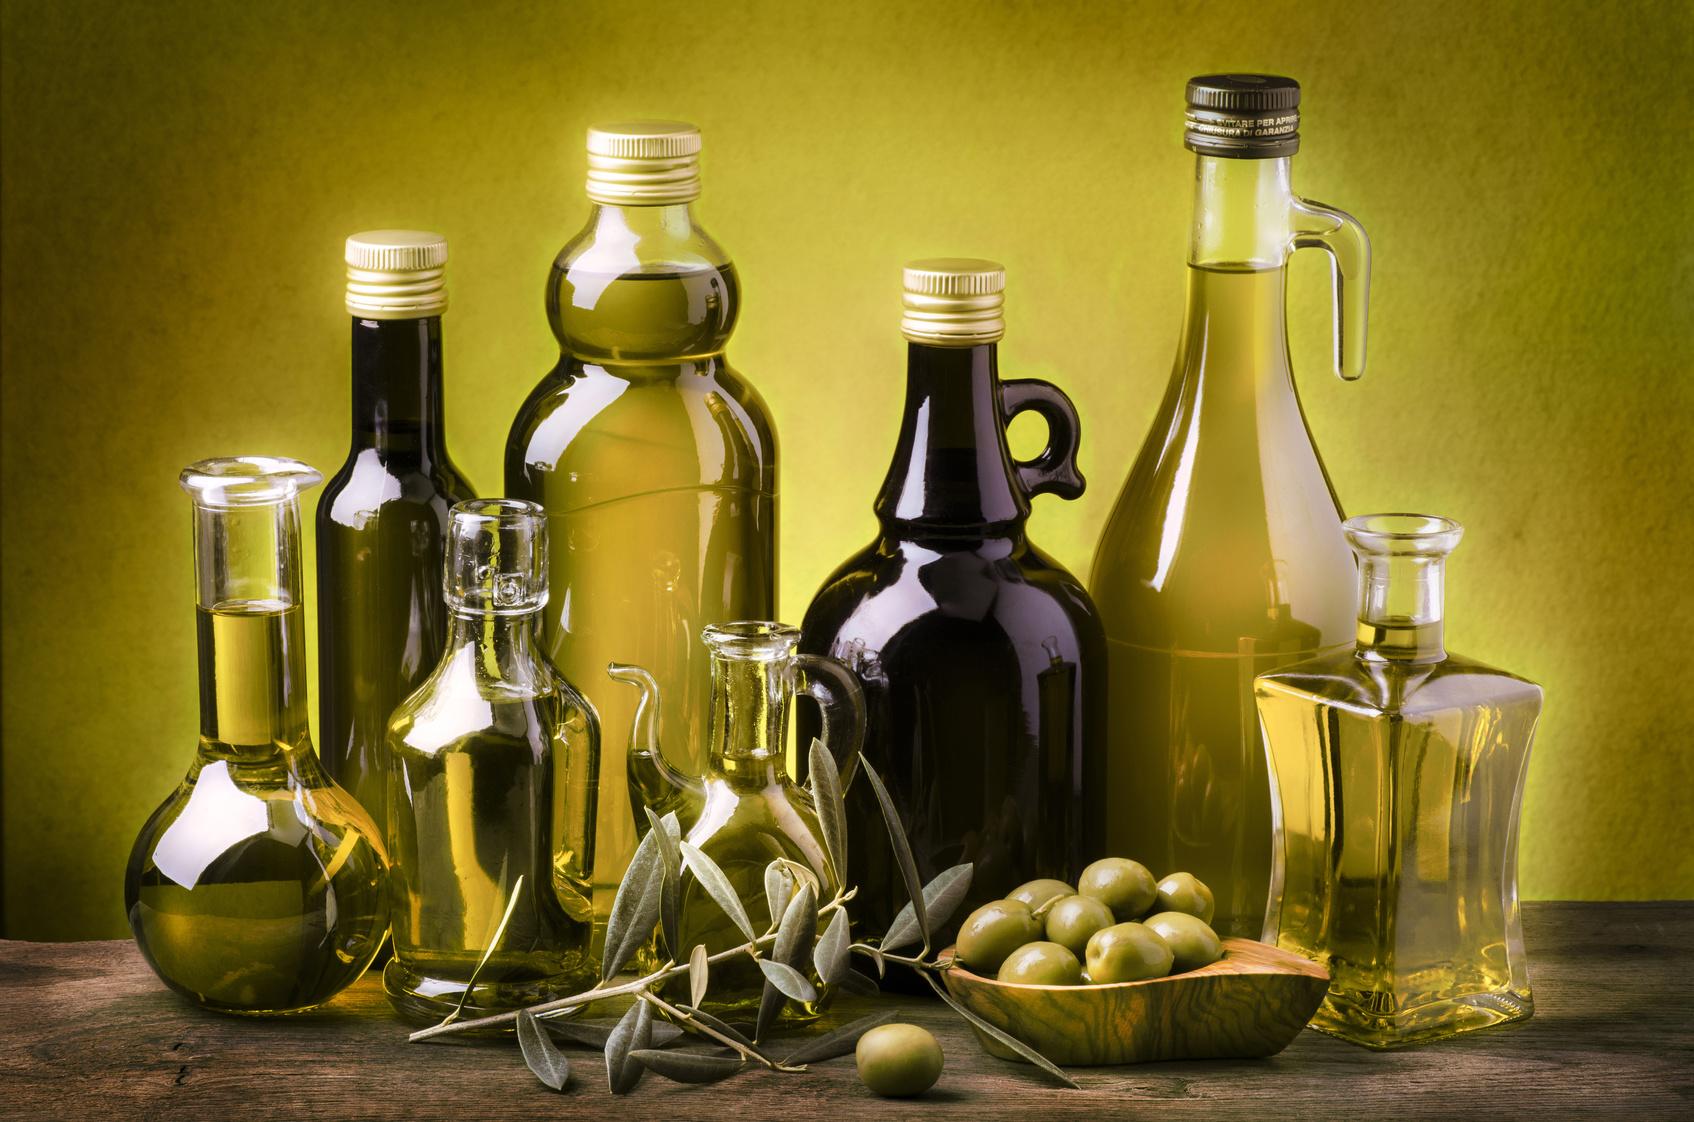 insieme di bottiglie con olio extra vergine di oliva